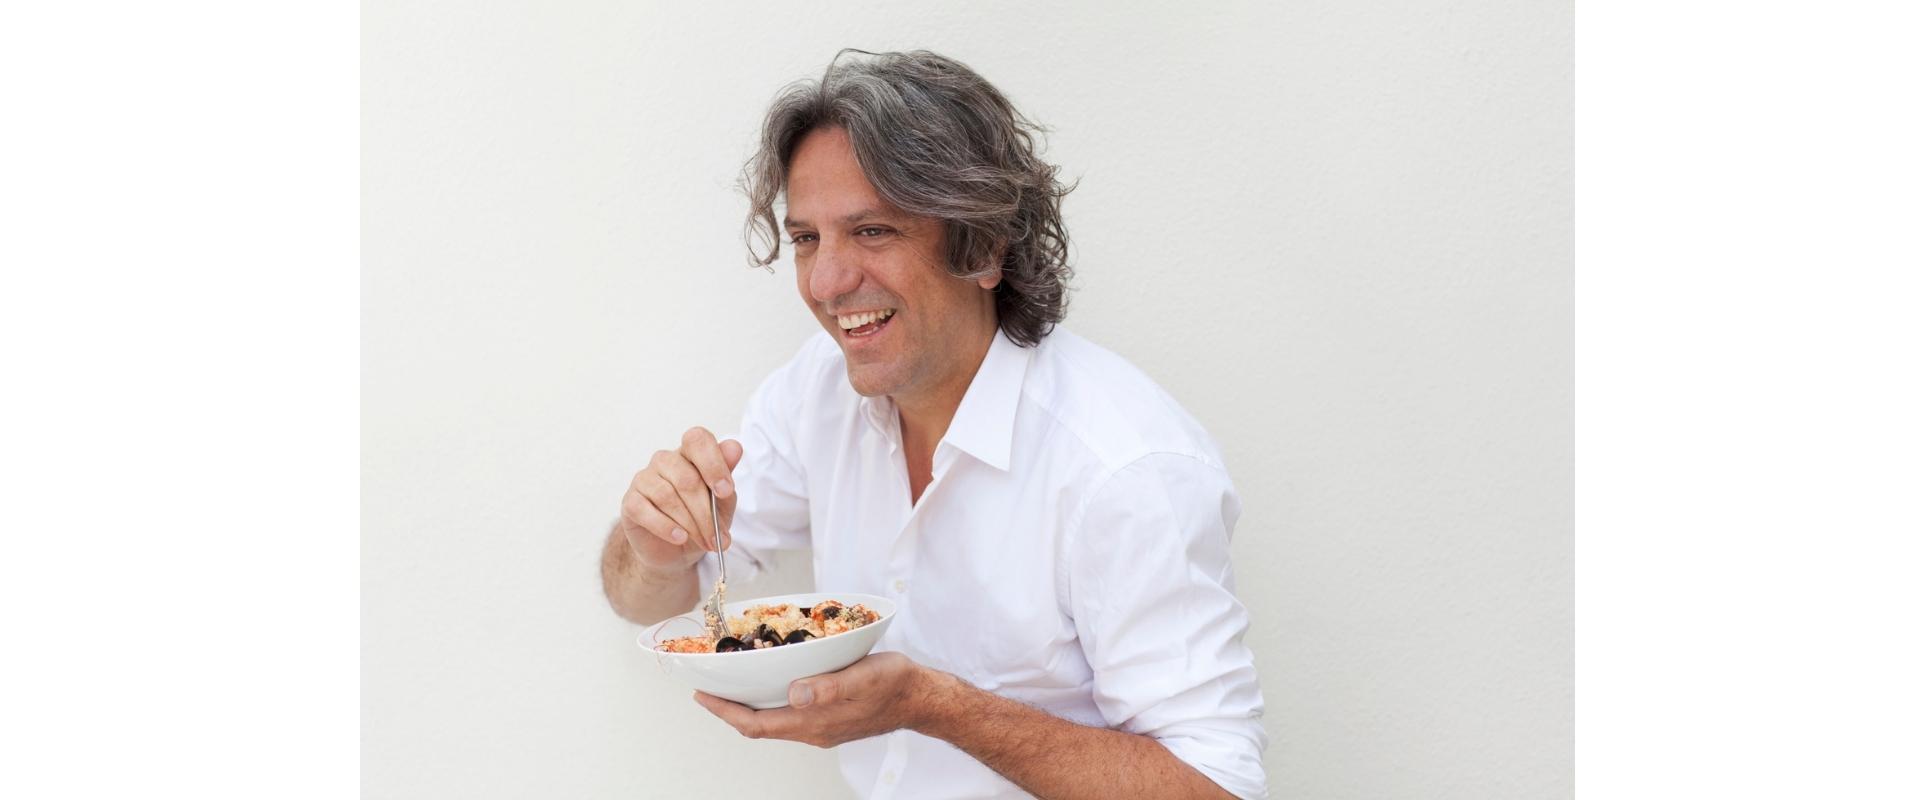 Italian chef Giorgio Locatelli